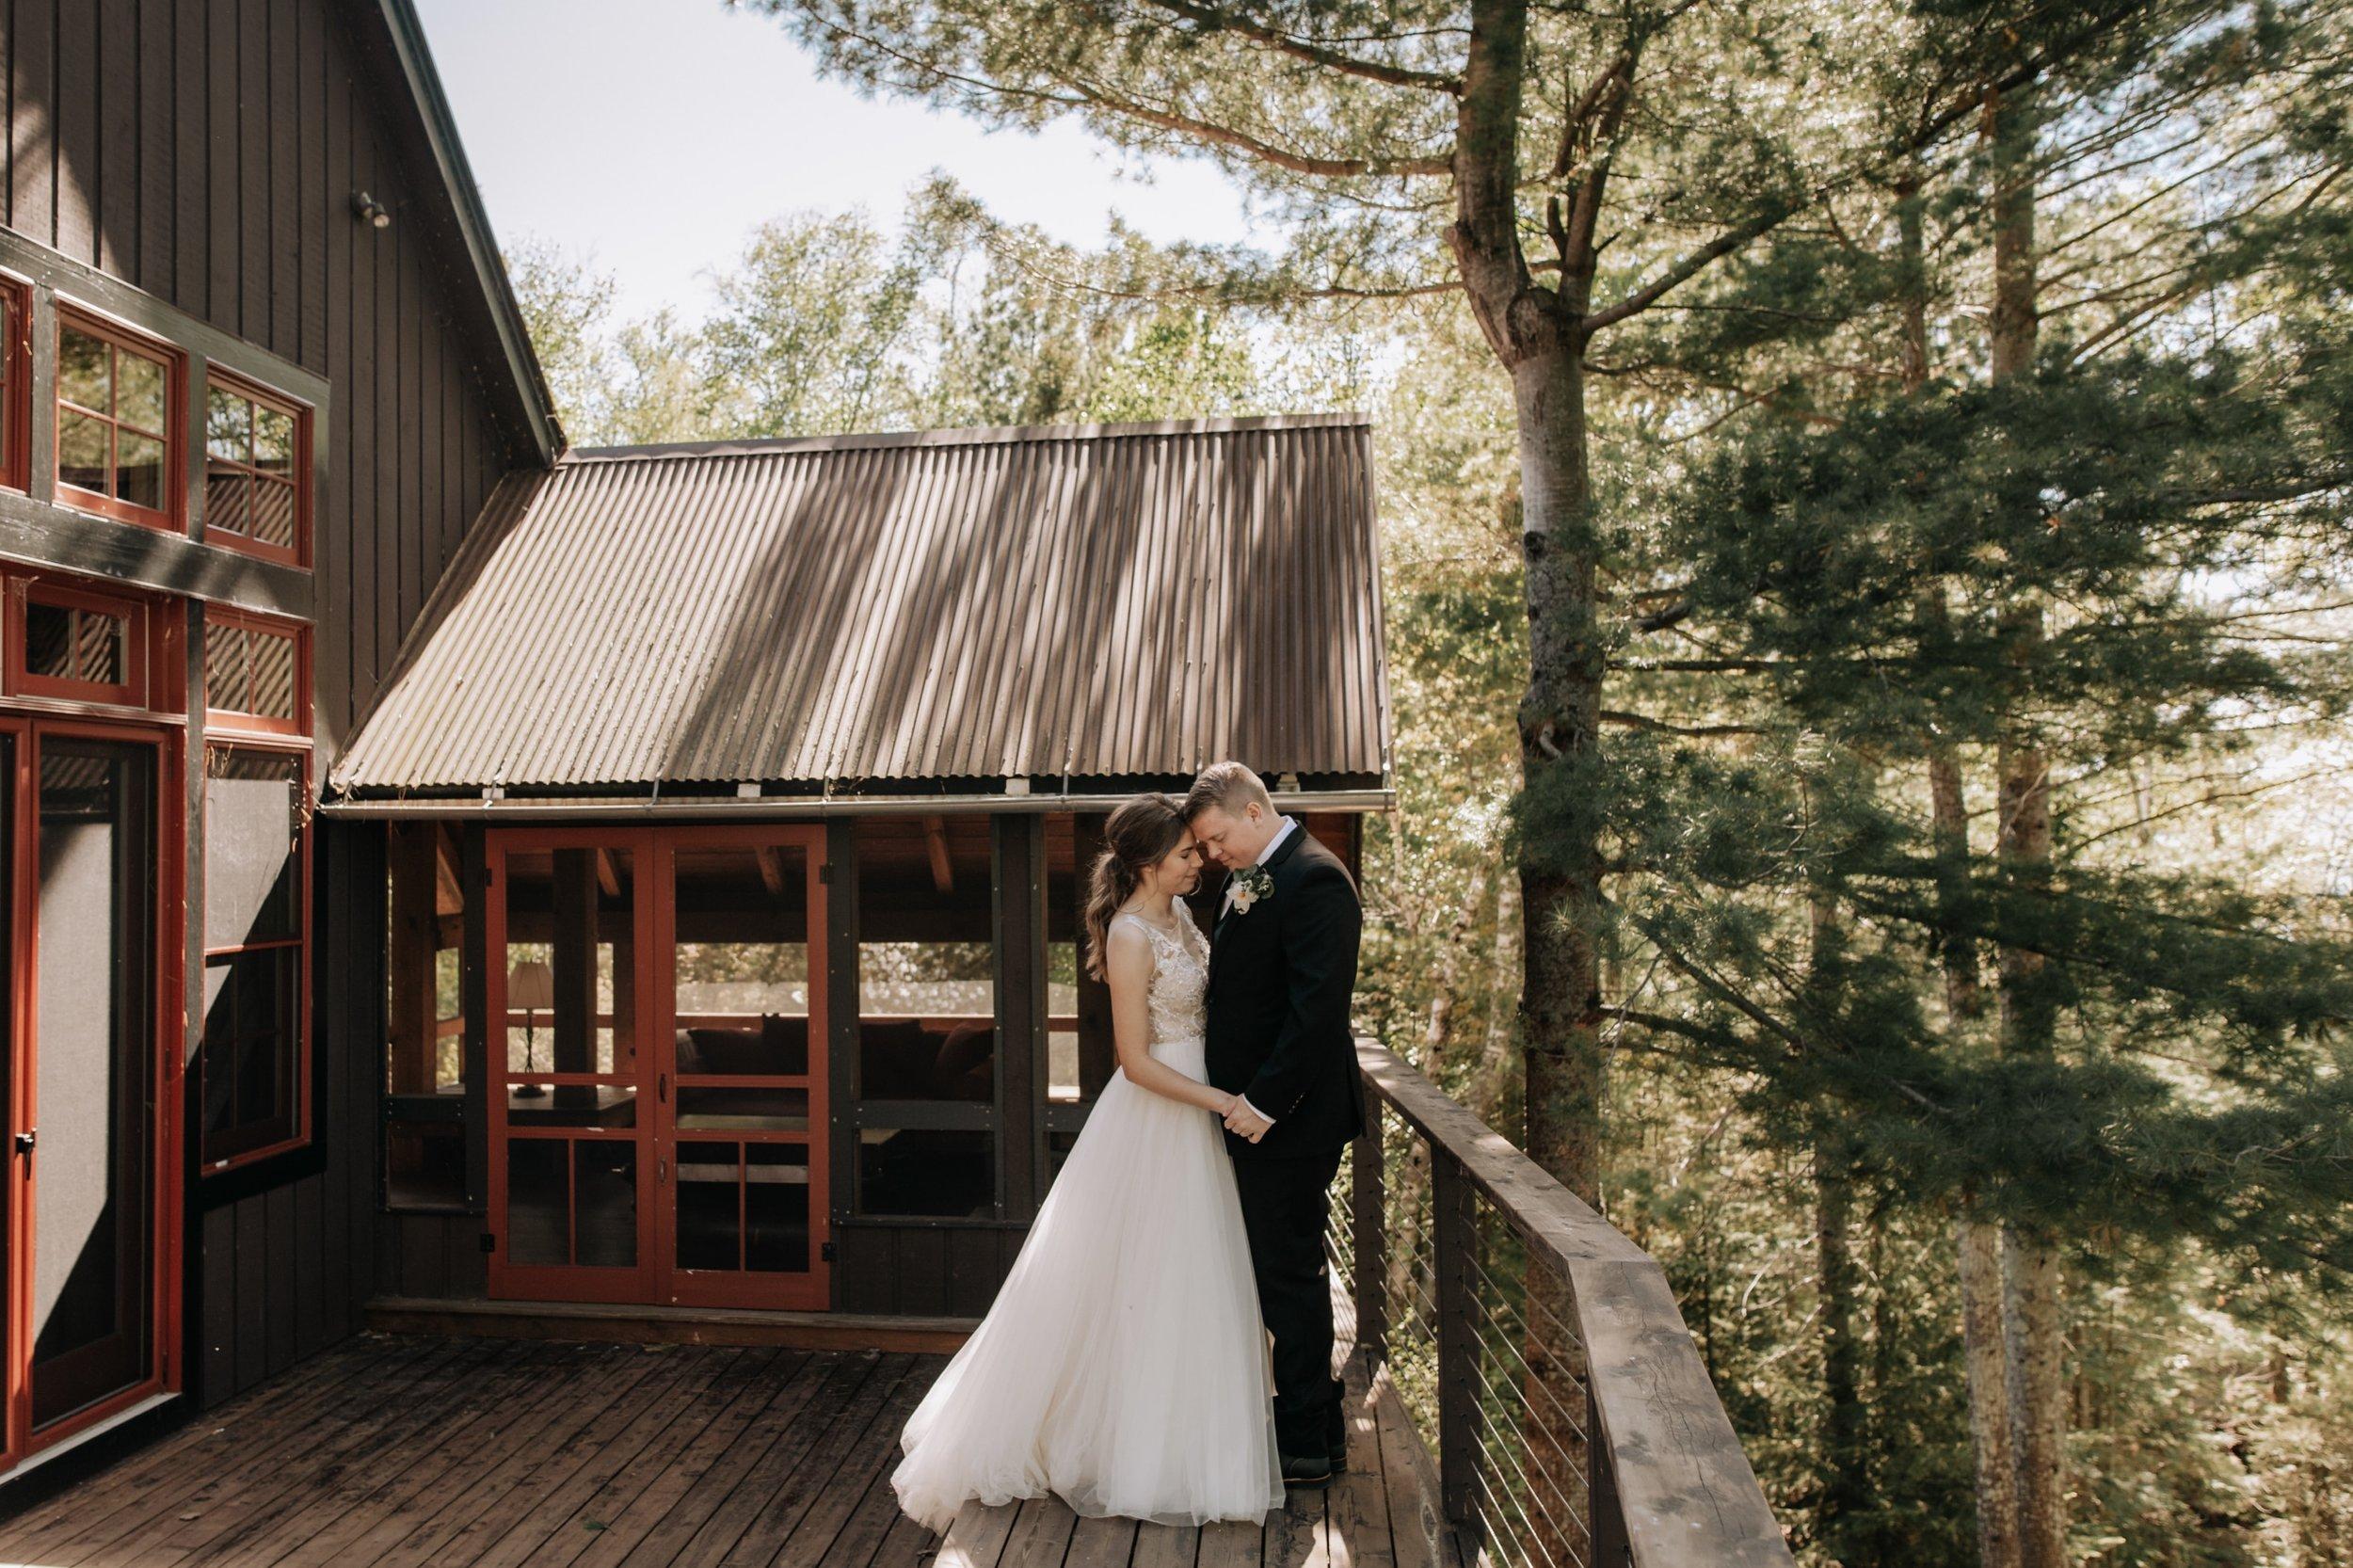 Madeline-Island-Wedding-Photography_22.jpg